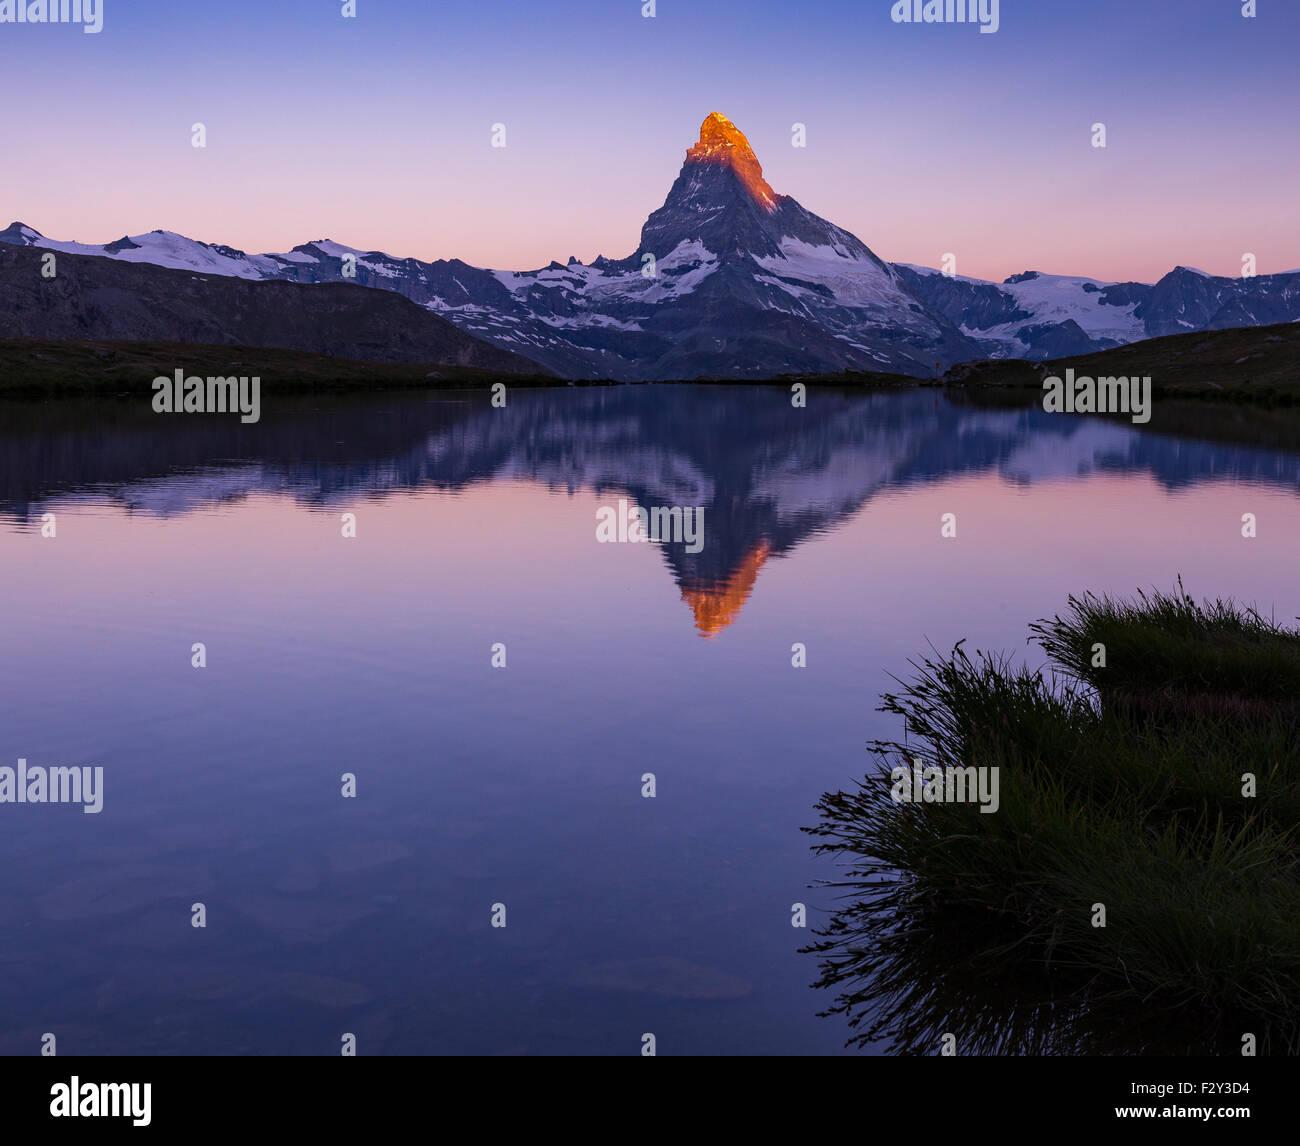 Lever du soleil sur le Mt.Matterhorn (Cervin). Lac Stellisee, Zermatt, Suisse Photo Stock